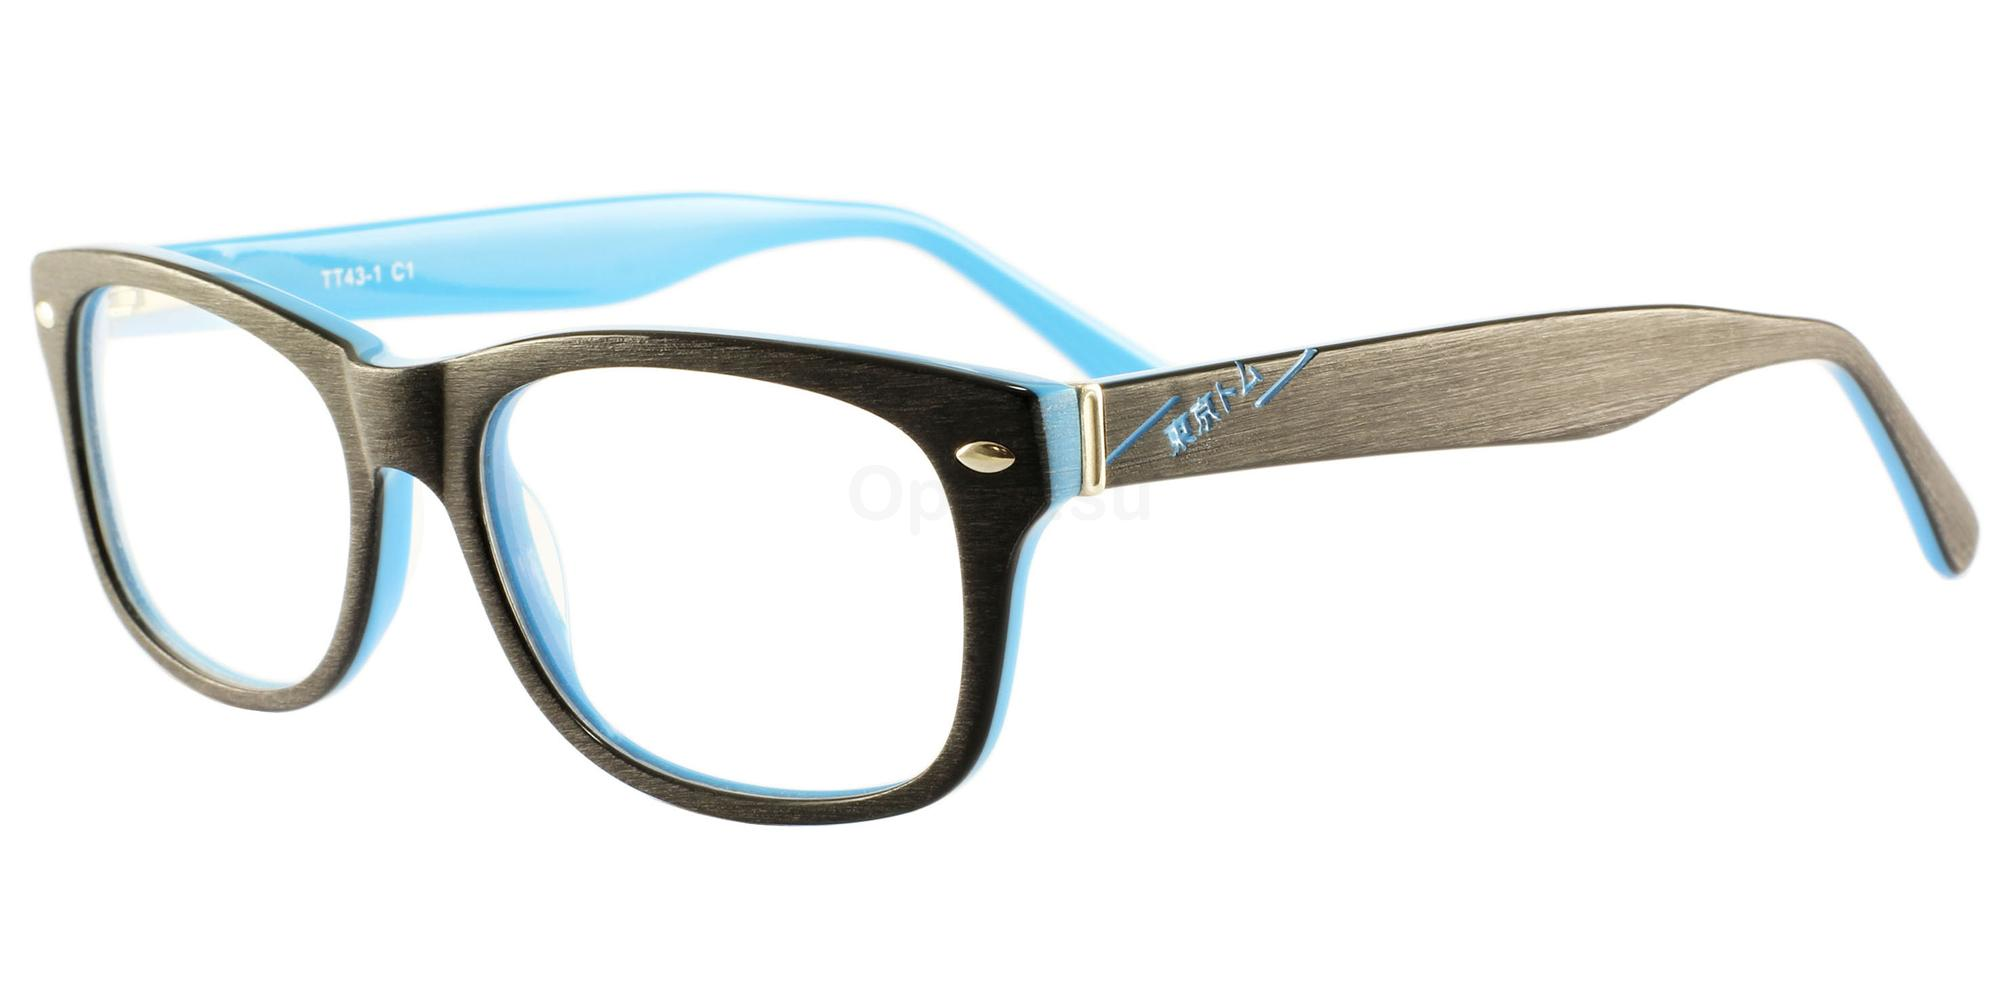 C1 TT43 Glasses, Tokyo Tom